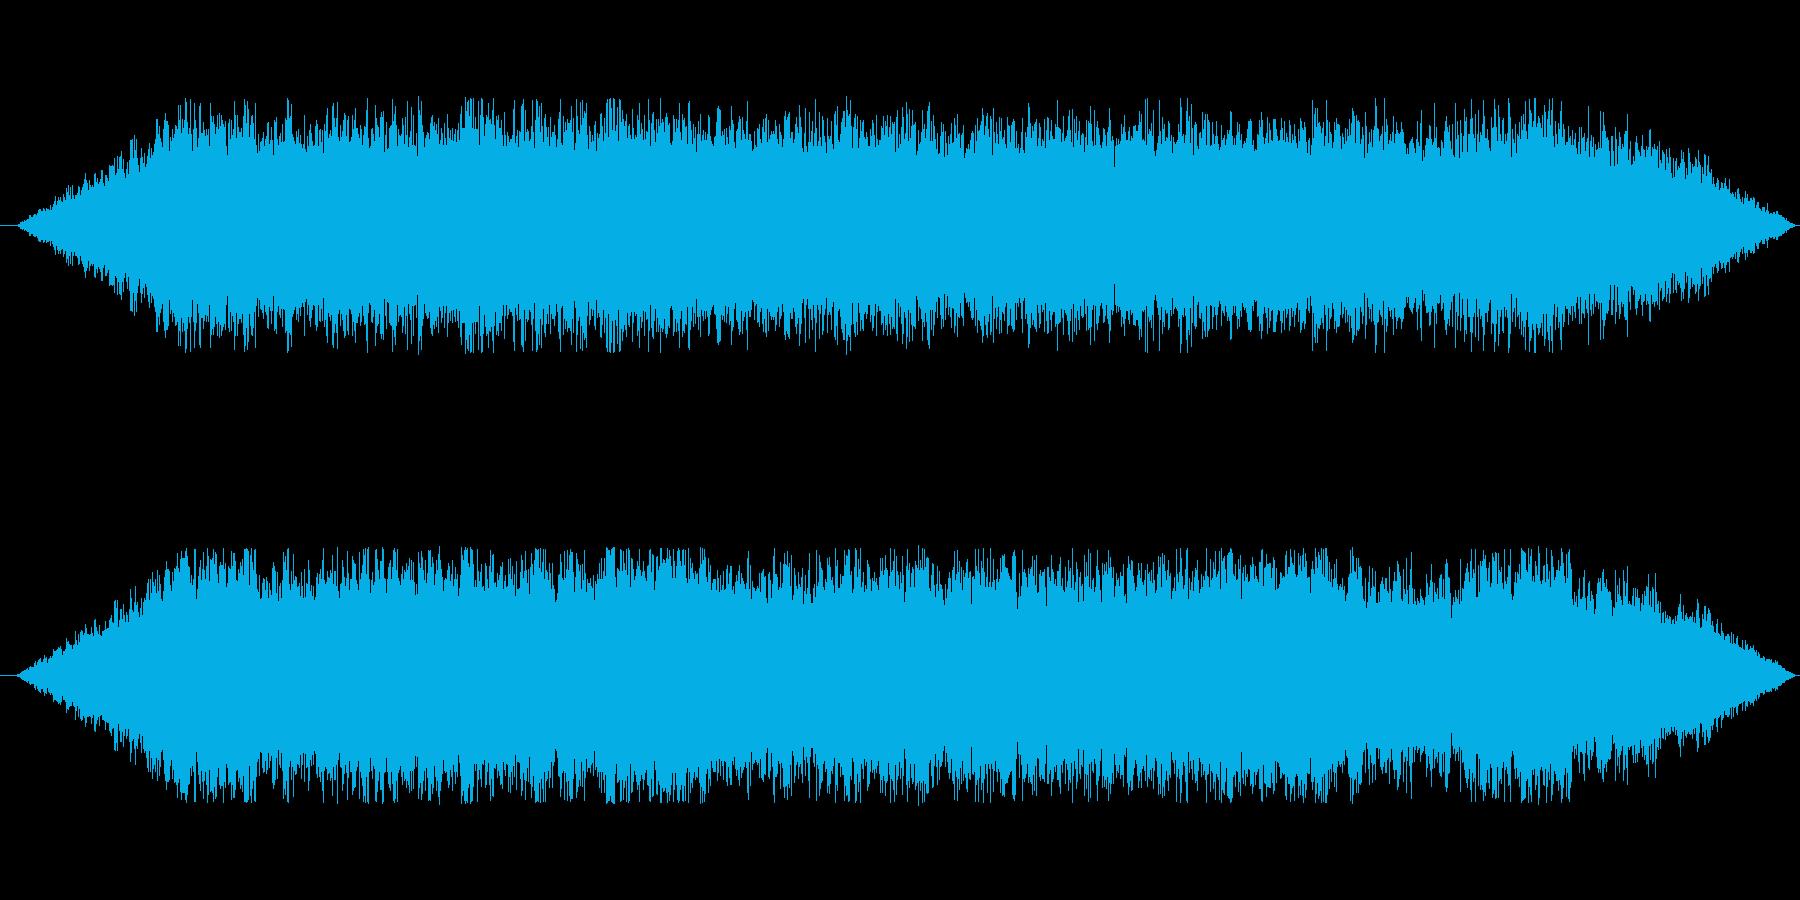 クワイヤを用いたホラーBGMの再生済みの波形